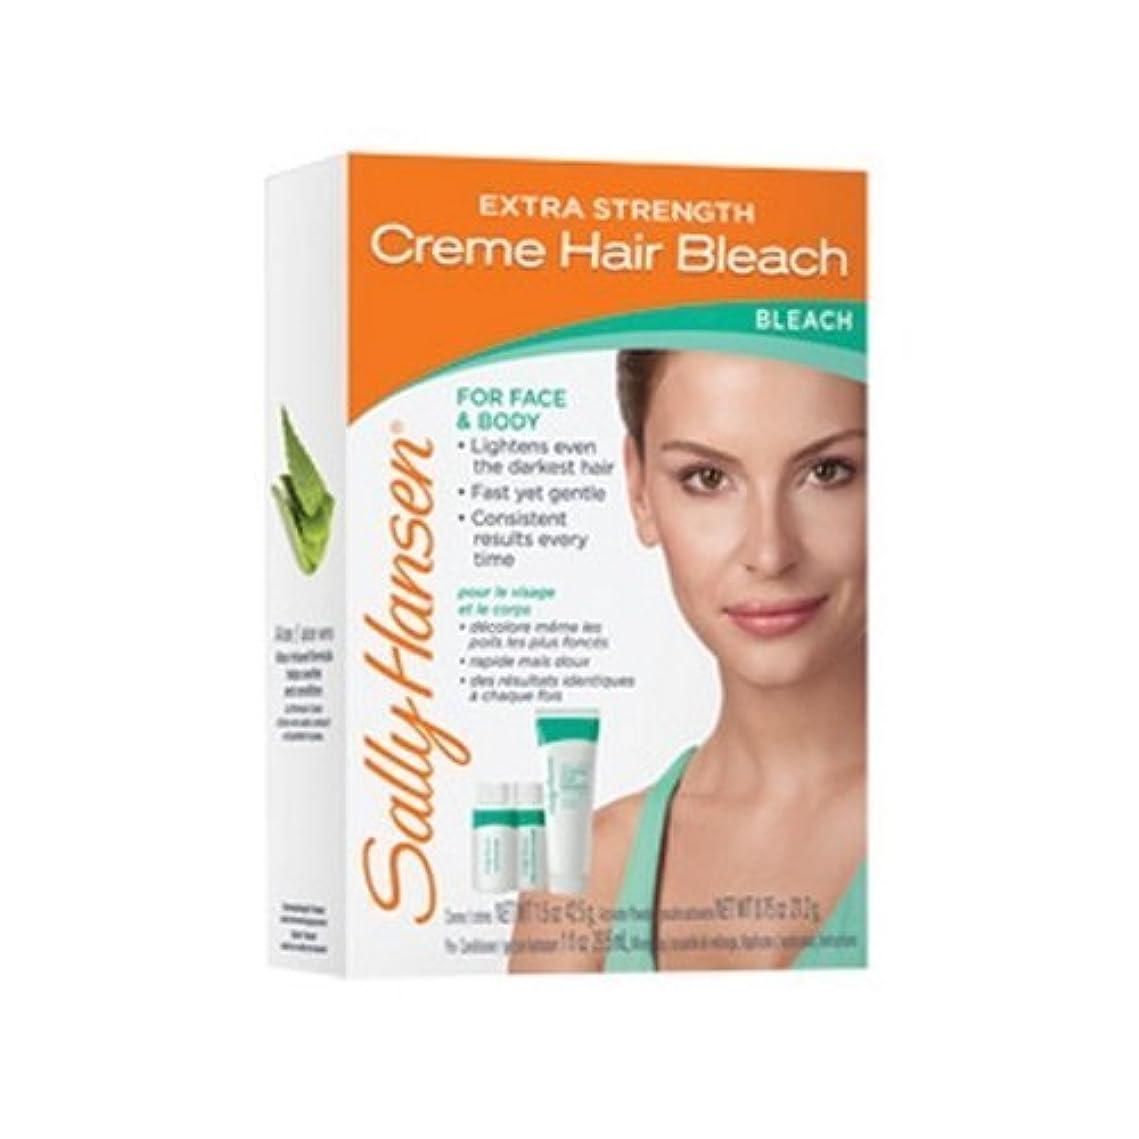 半島ルーチンロケット(3 Pack) SALLY HANSEN Extra Strength Creme Hair Bleach for Face & Body - SH2010 (並行輸入品)